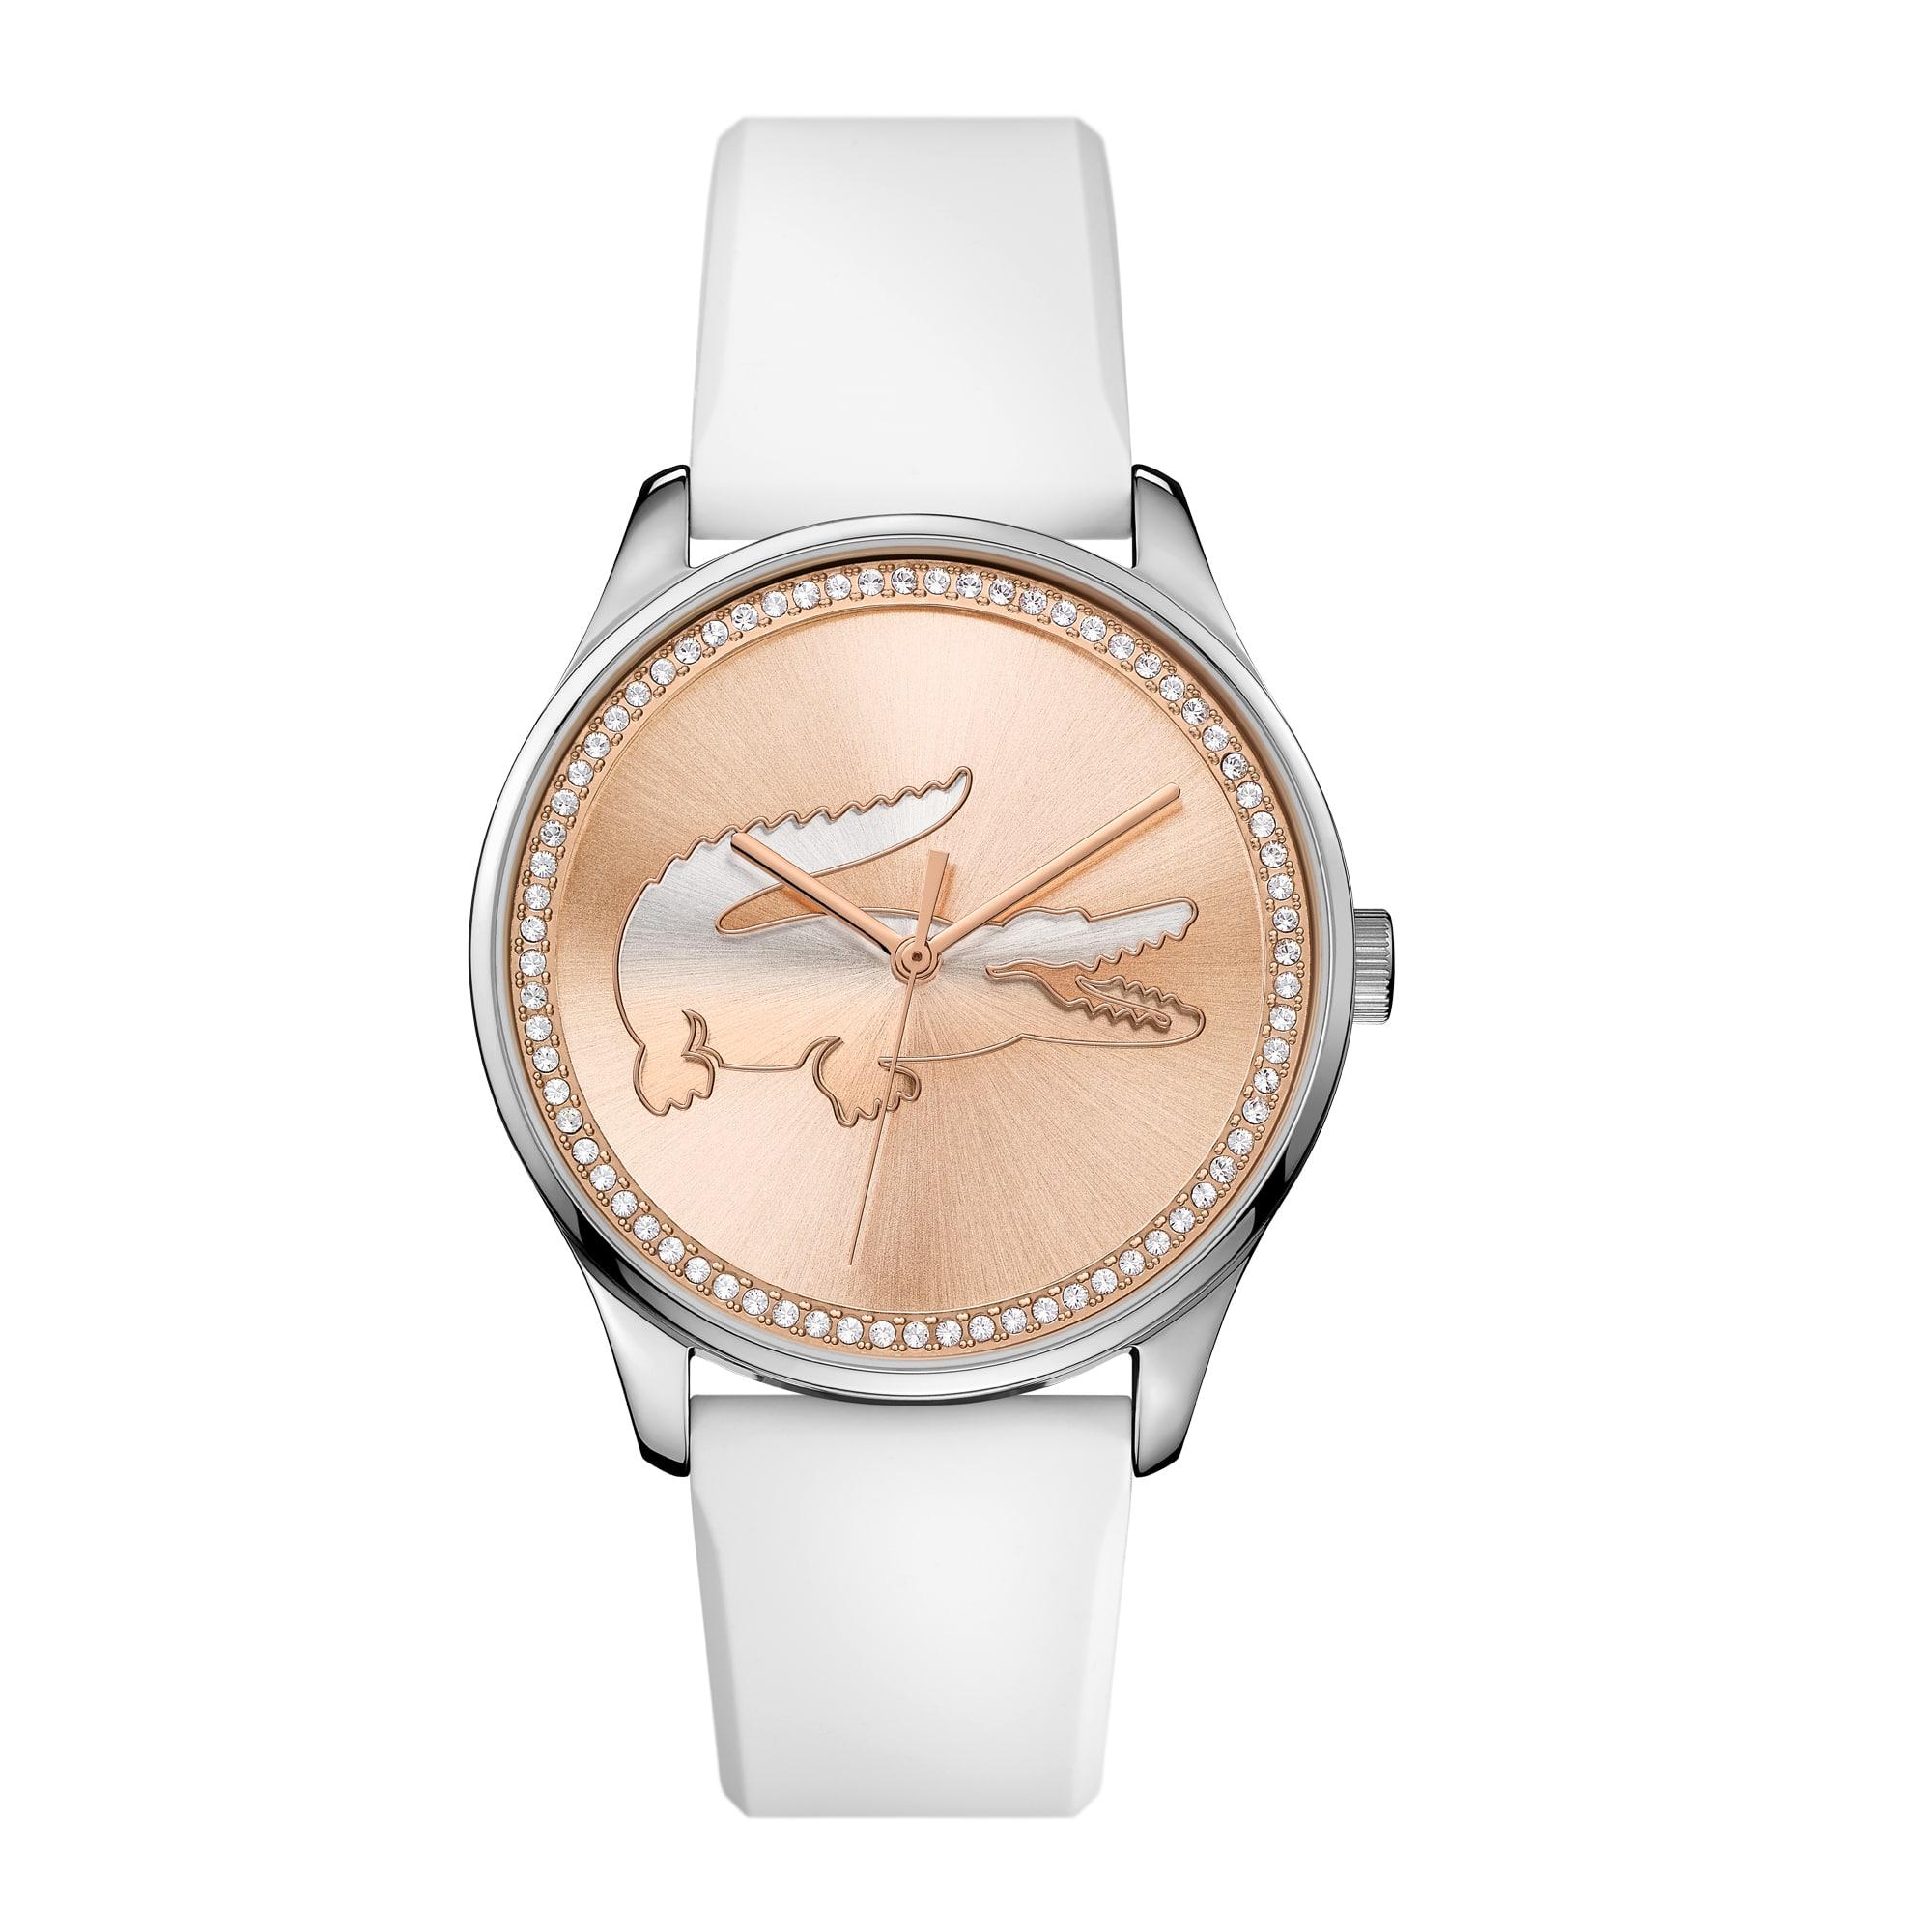 Women's Victoria Watch - White Edition